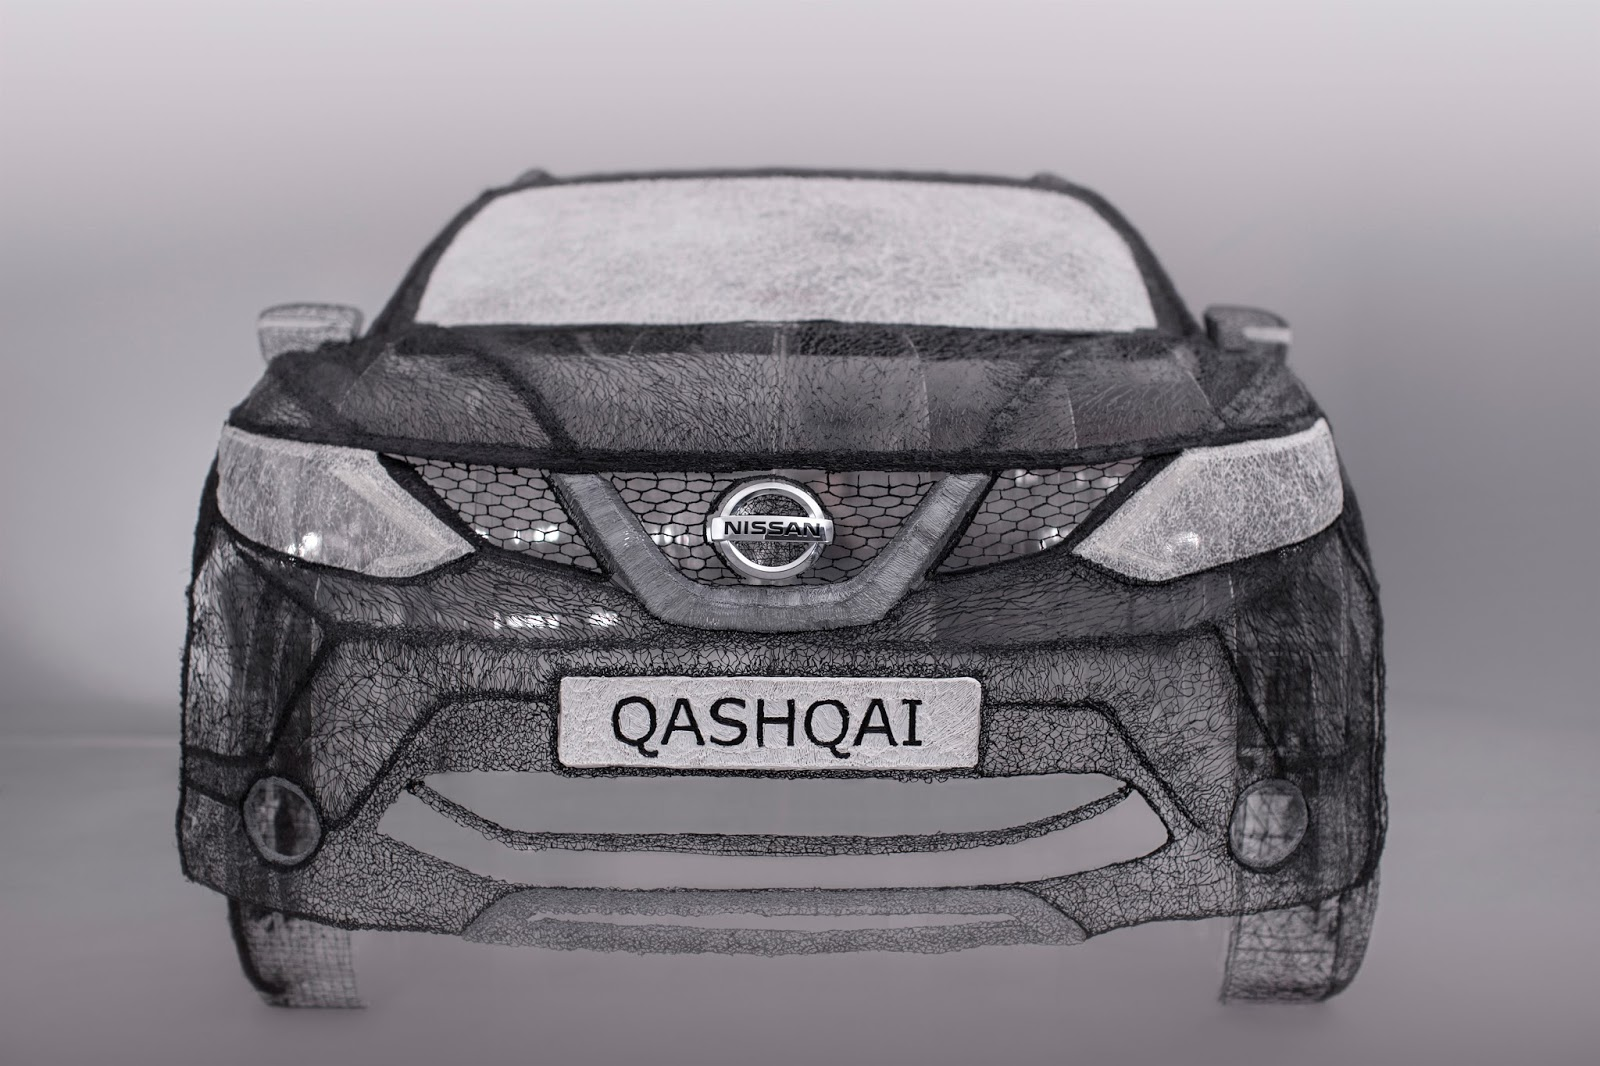 149158 1 5 Η Nissan κατασκεύασε την μεγαλύτερη τρισδιάστατη εκτύπωση στον κόσμο σε… QASHQAI ! Fun, Nissan, Nissan Qashqai, videos, Τεχνολογία